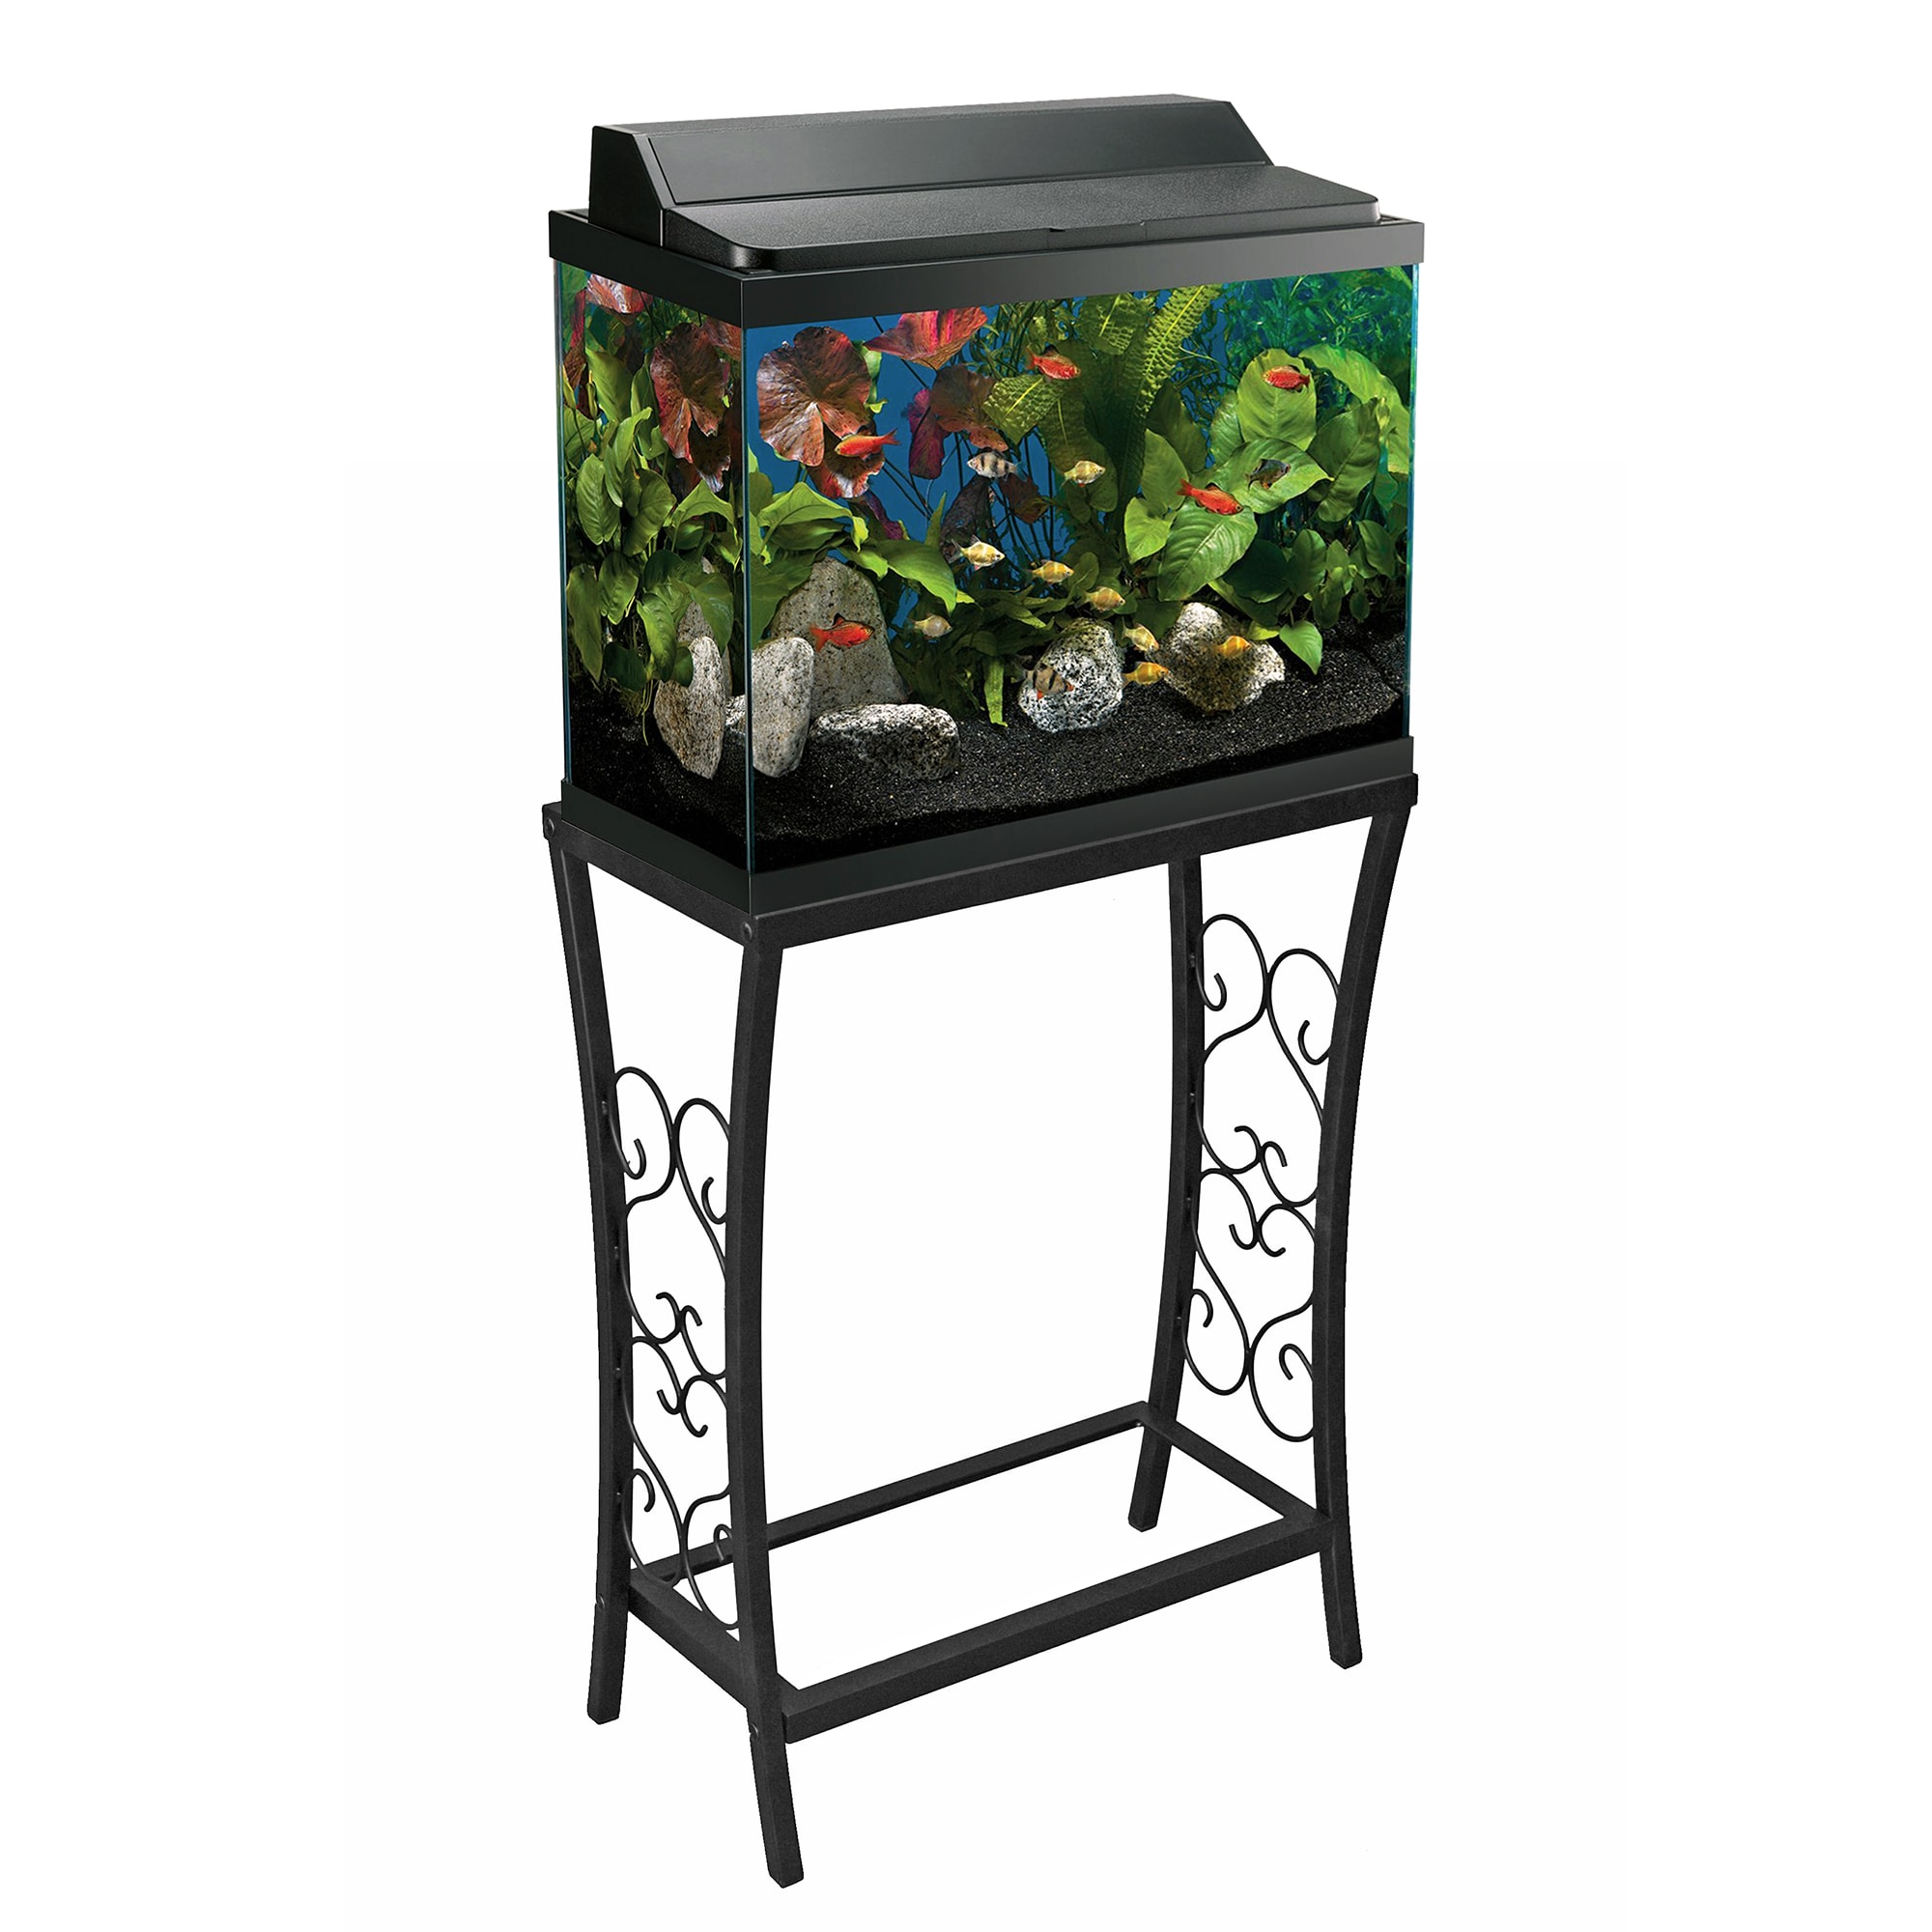 Aquatic Fundamentals Gallon Upright Aquarium Stand Solar Oak 36751-44-AMZ